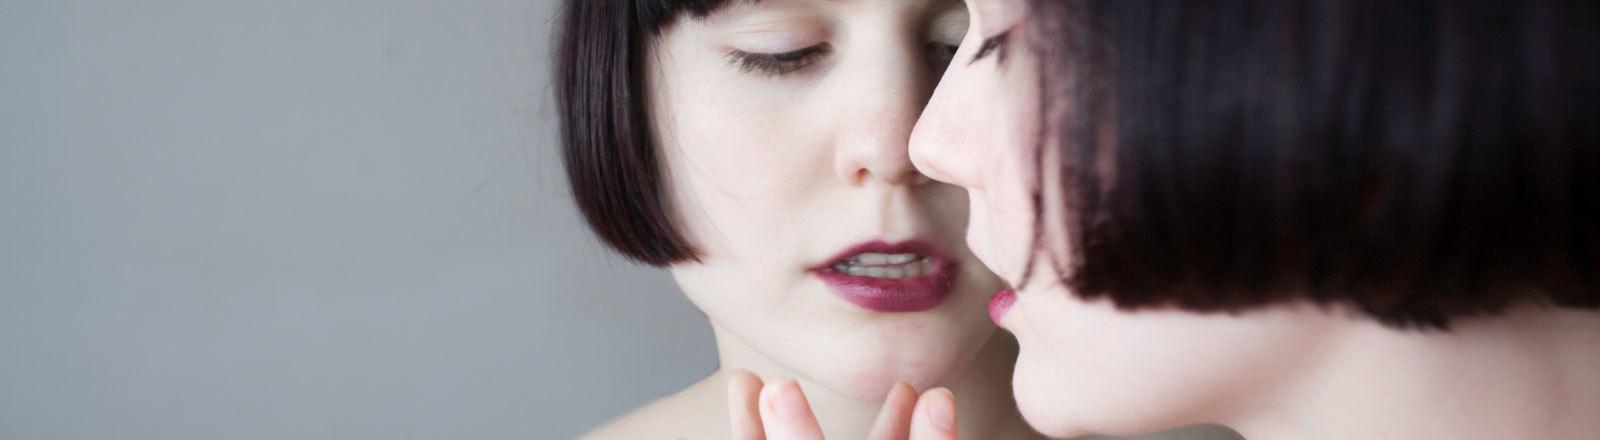 Nackte Frau fasst ihr eigenes Spiegelbild an